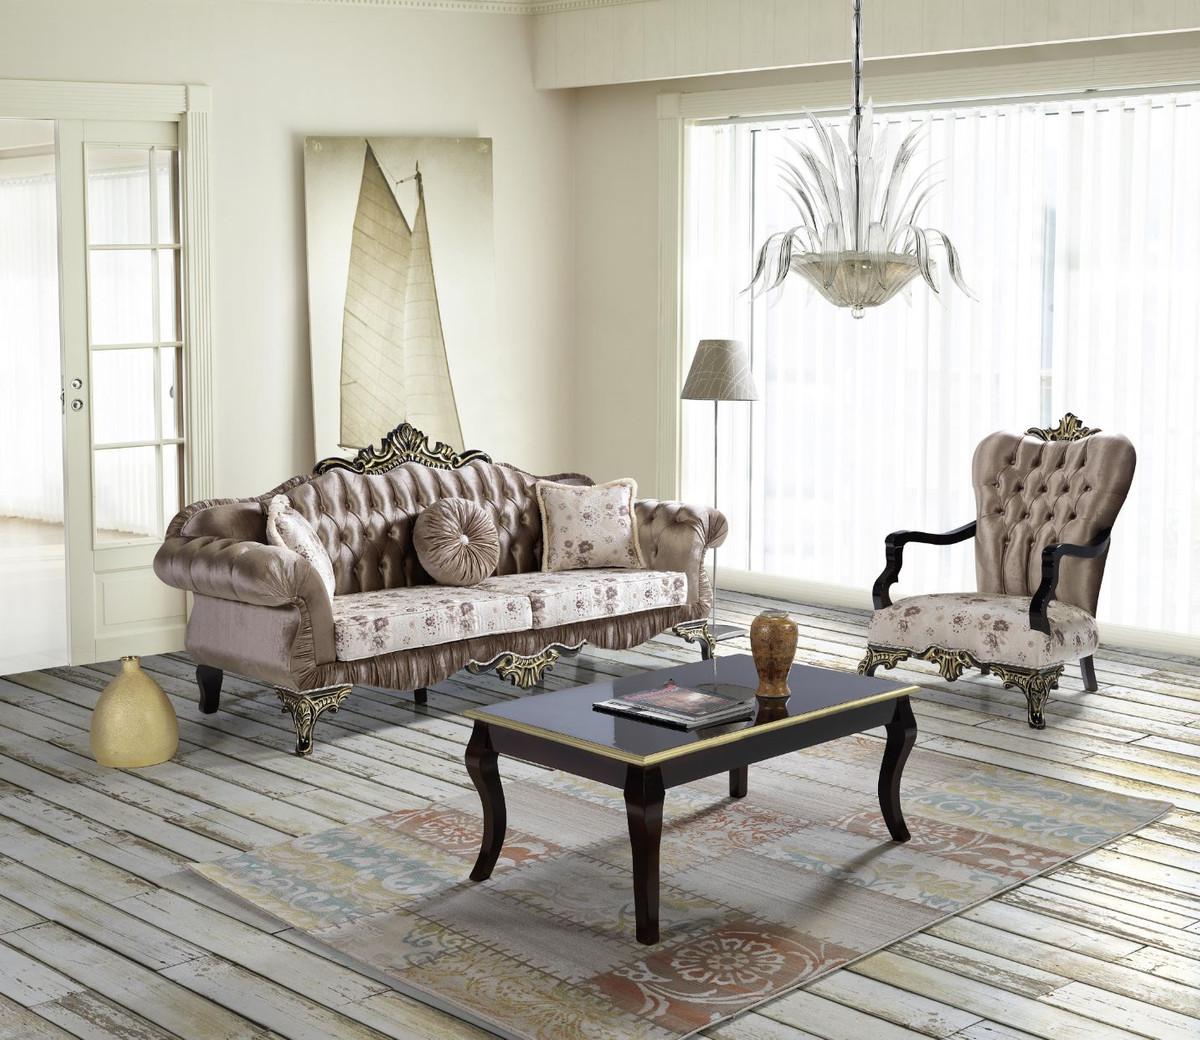 Casa Padrino Barock Wohnzimmer Set Braun Beige Schwarz Gold 2 Sofas 2 Sessel 1 Couchtisch Barock Wohnzimmer Mobel Kaufen Bei Demotex Gmbh